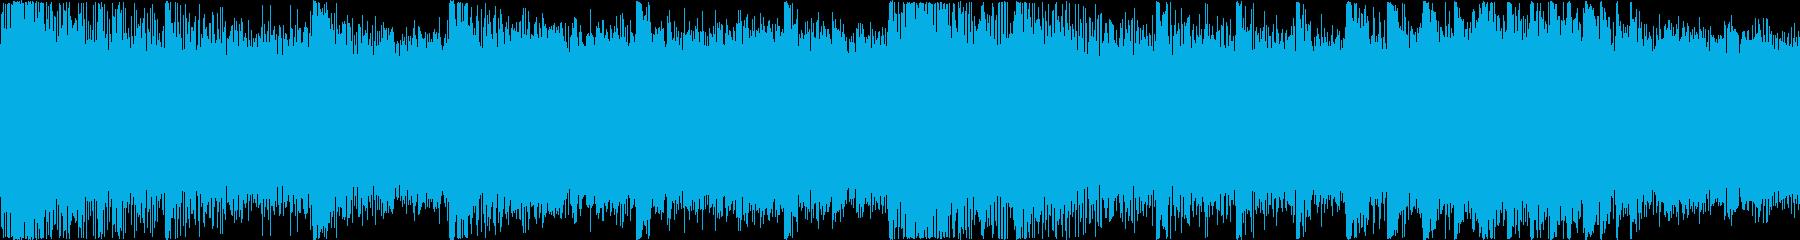 【和風ホラー】狸の腹太鼓のバッドエンドの再生済みの波形